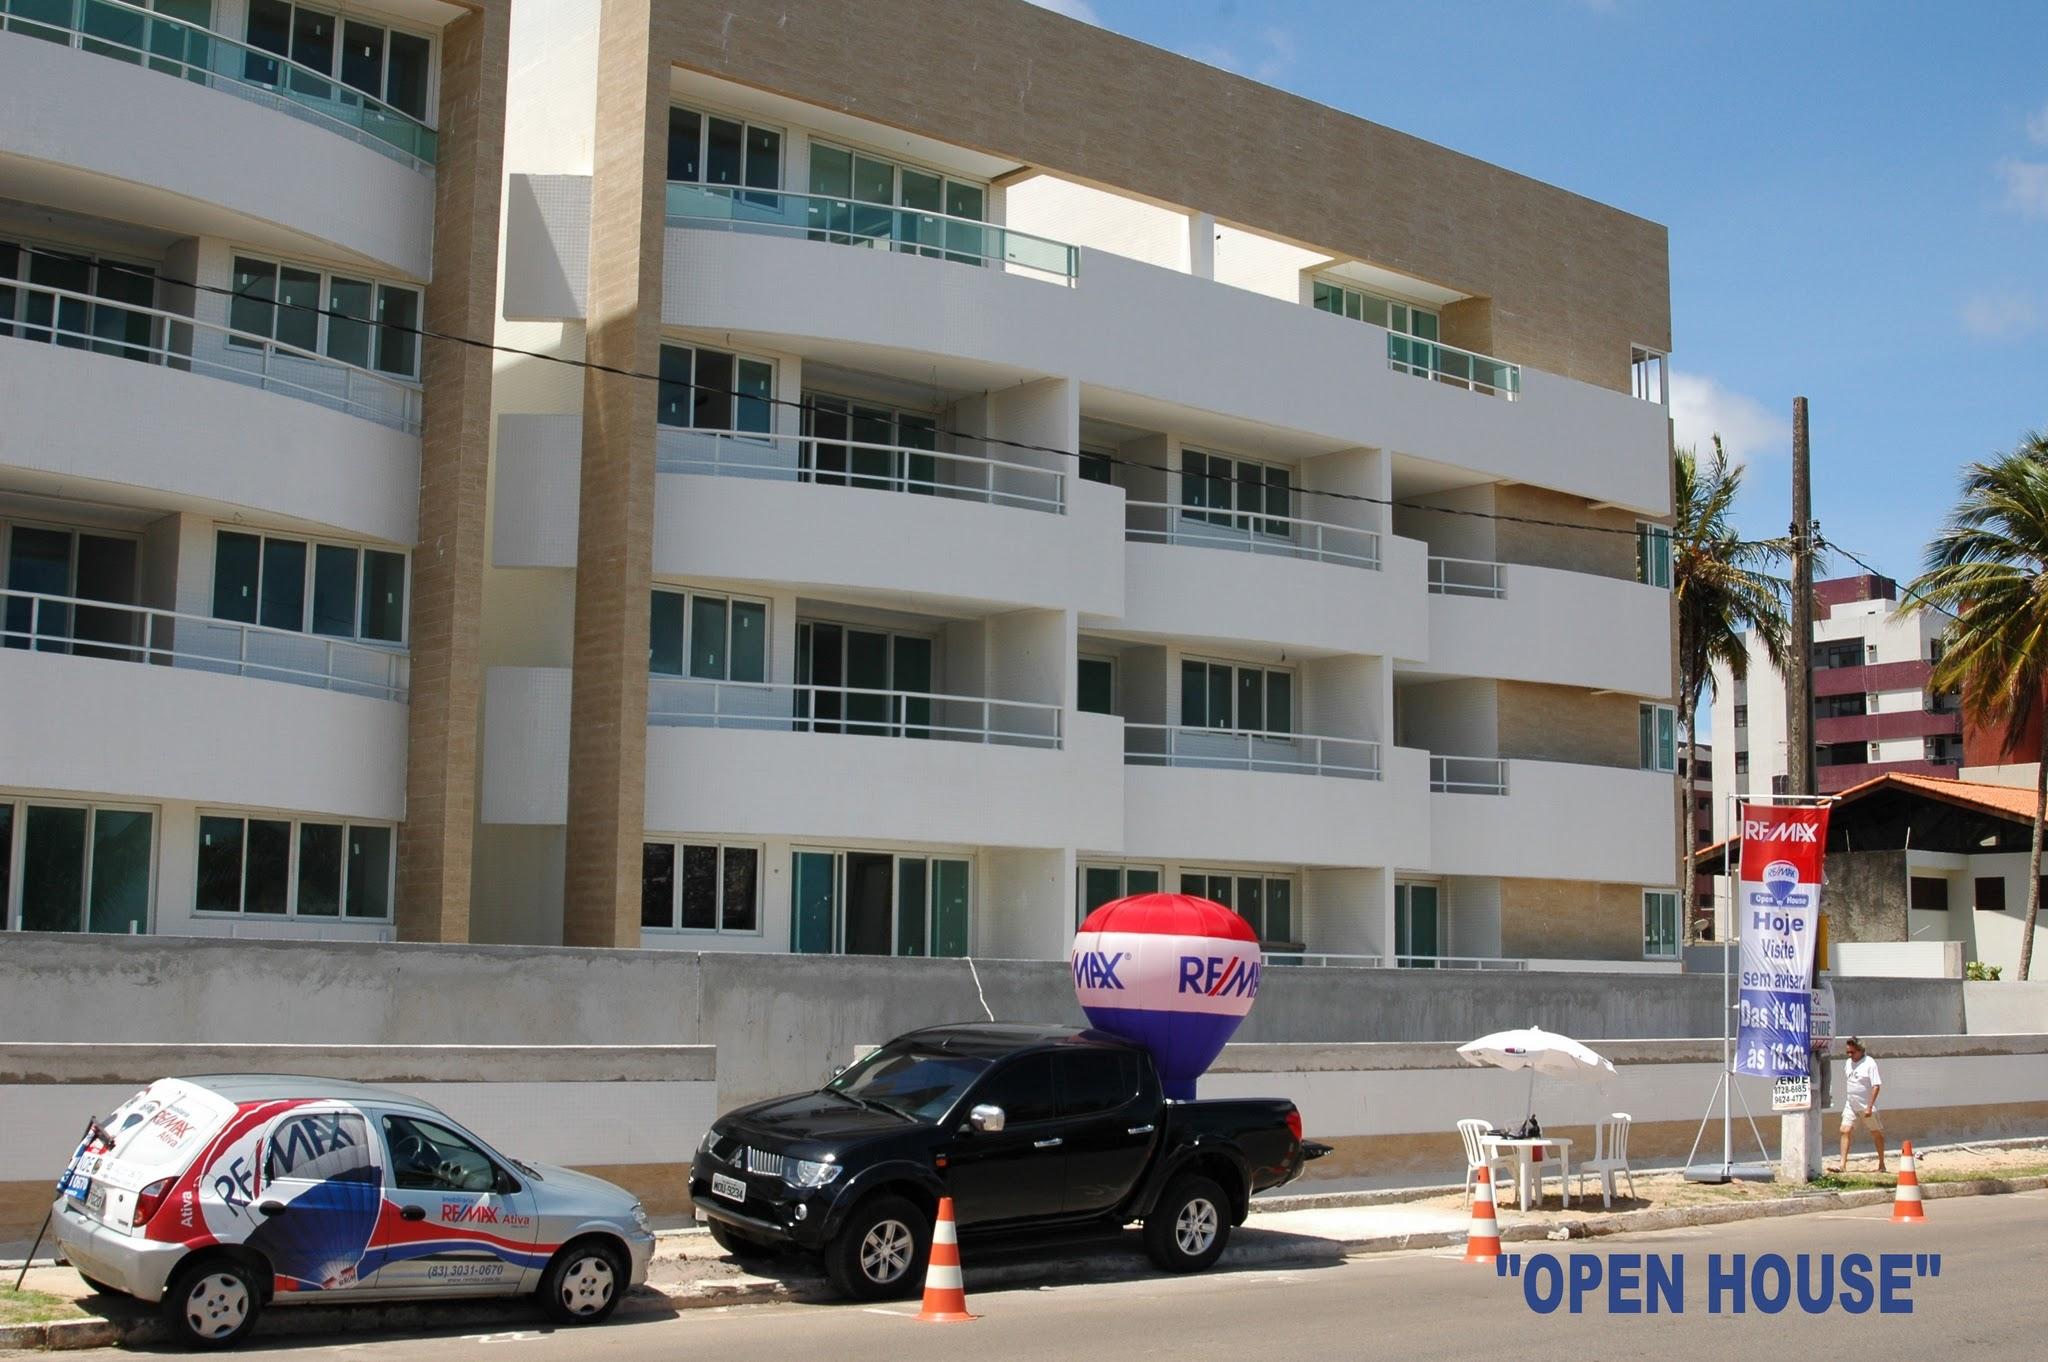 Photo: Open House, 8Jan2012